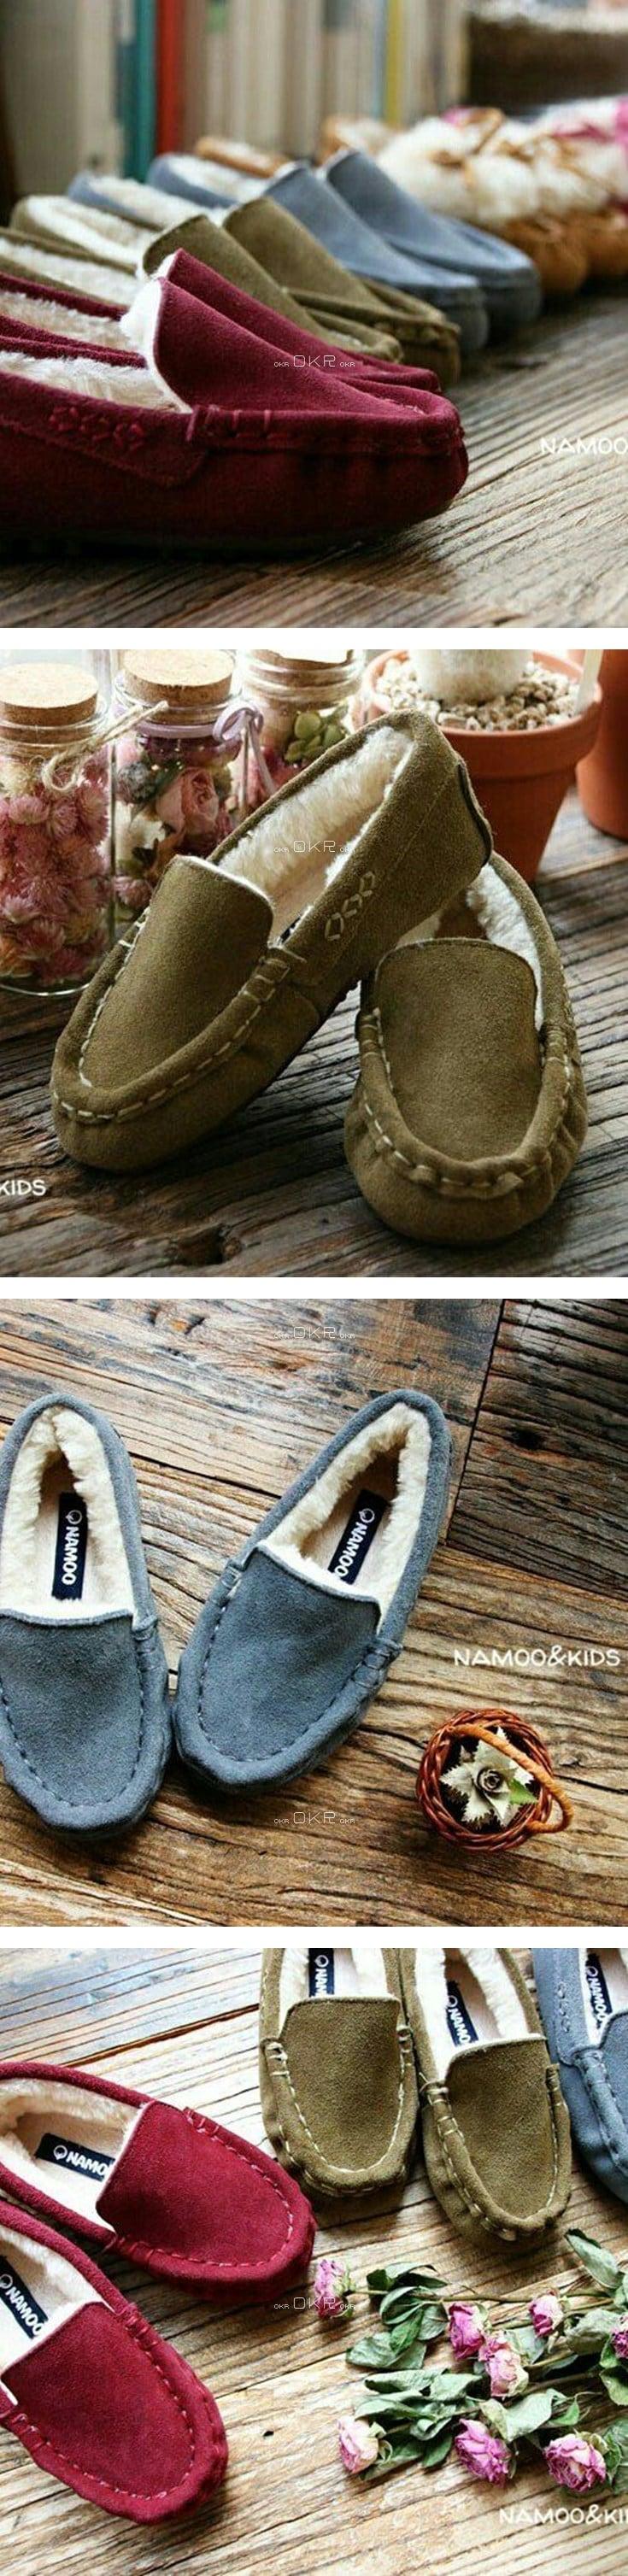 NAMOO & KIDS - Korean Children Fashion - #Kfashion4kids - Neo Loafer